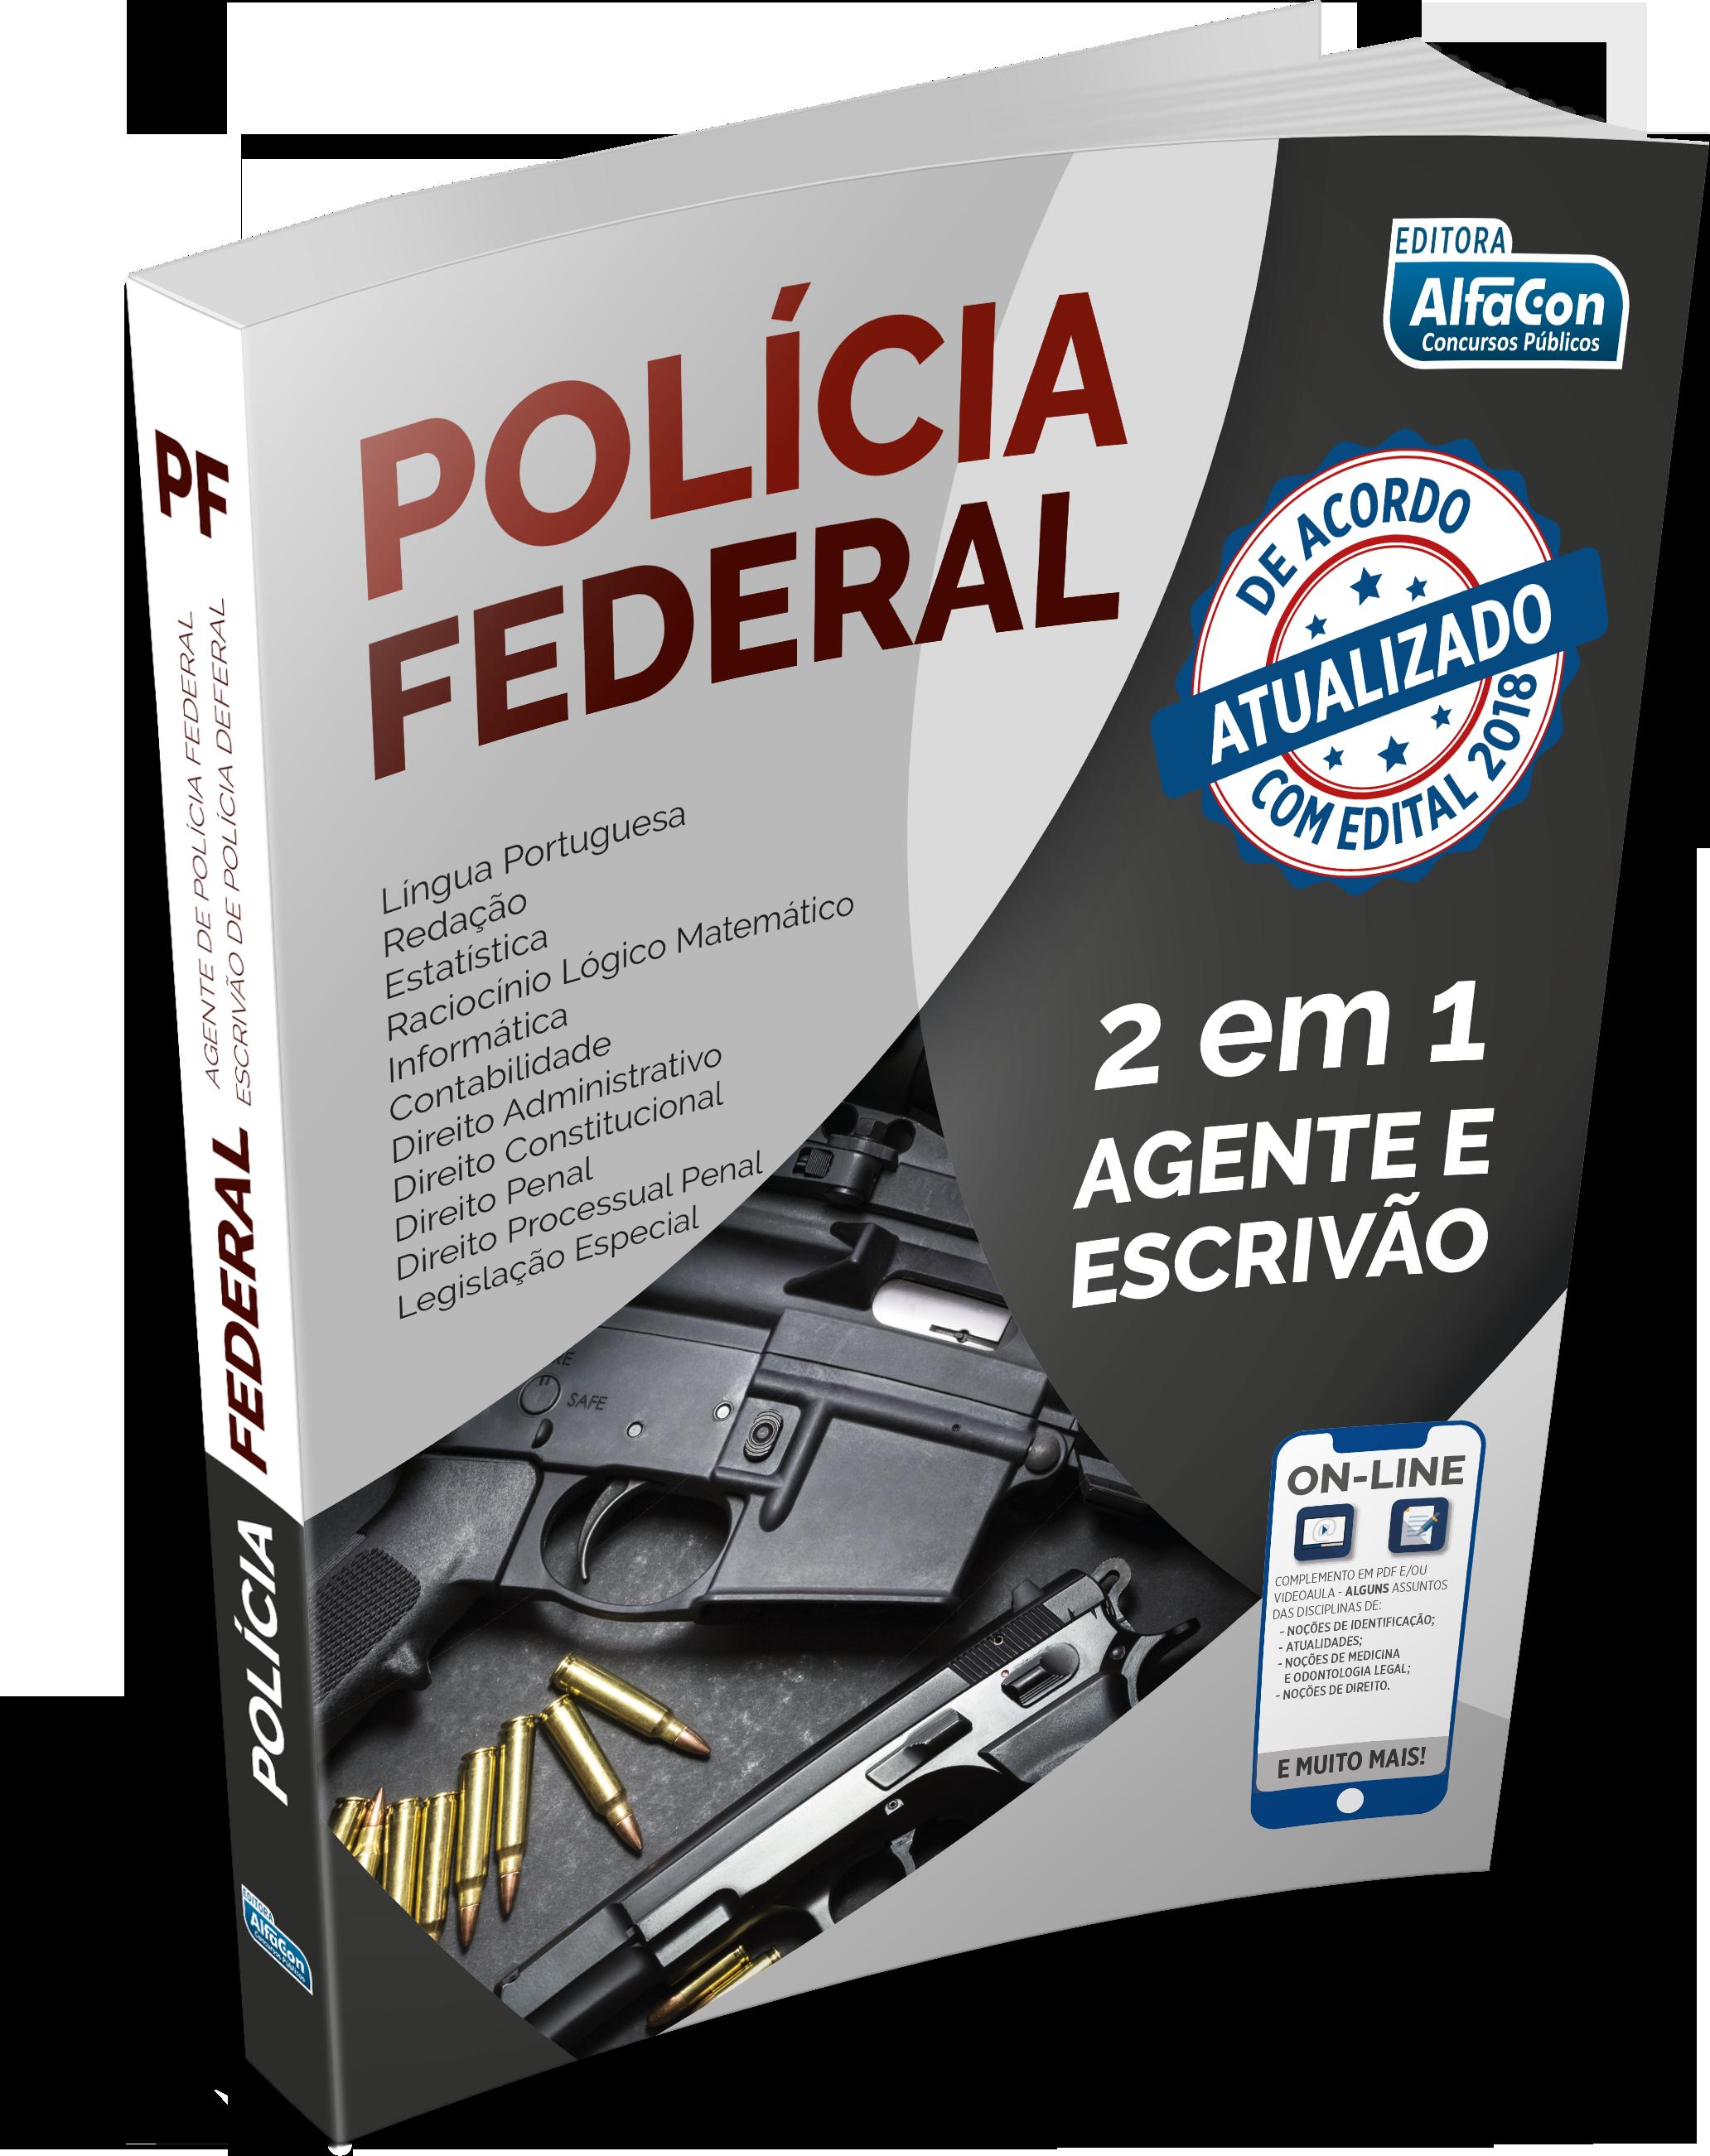 e3643765d AlfaCon Concursos Públicos